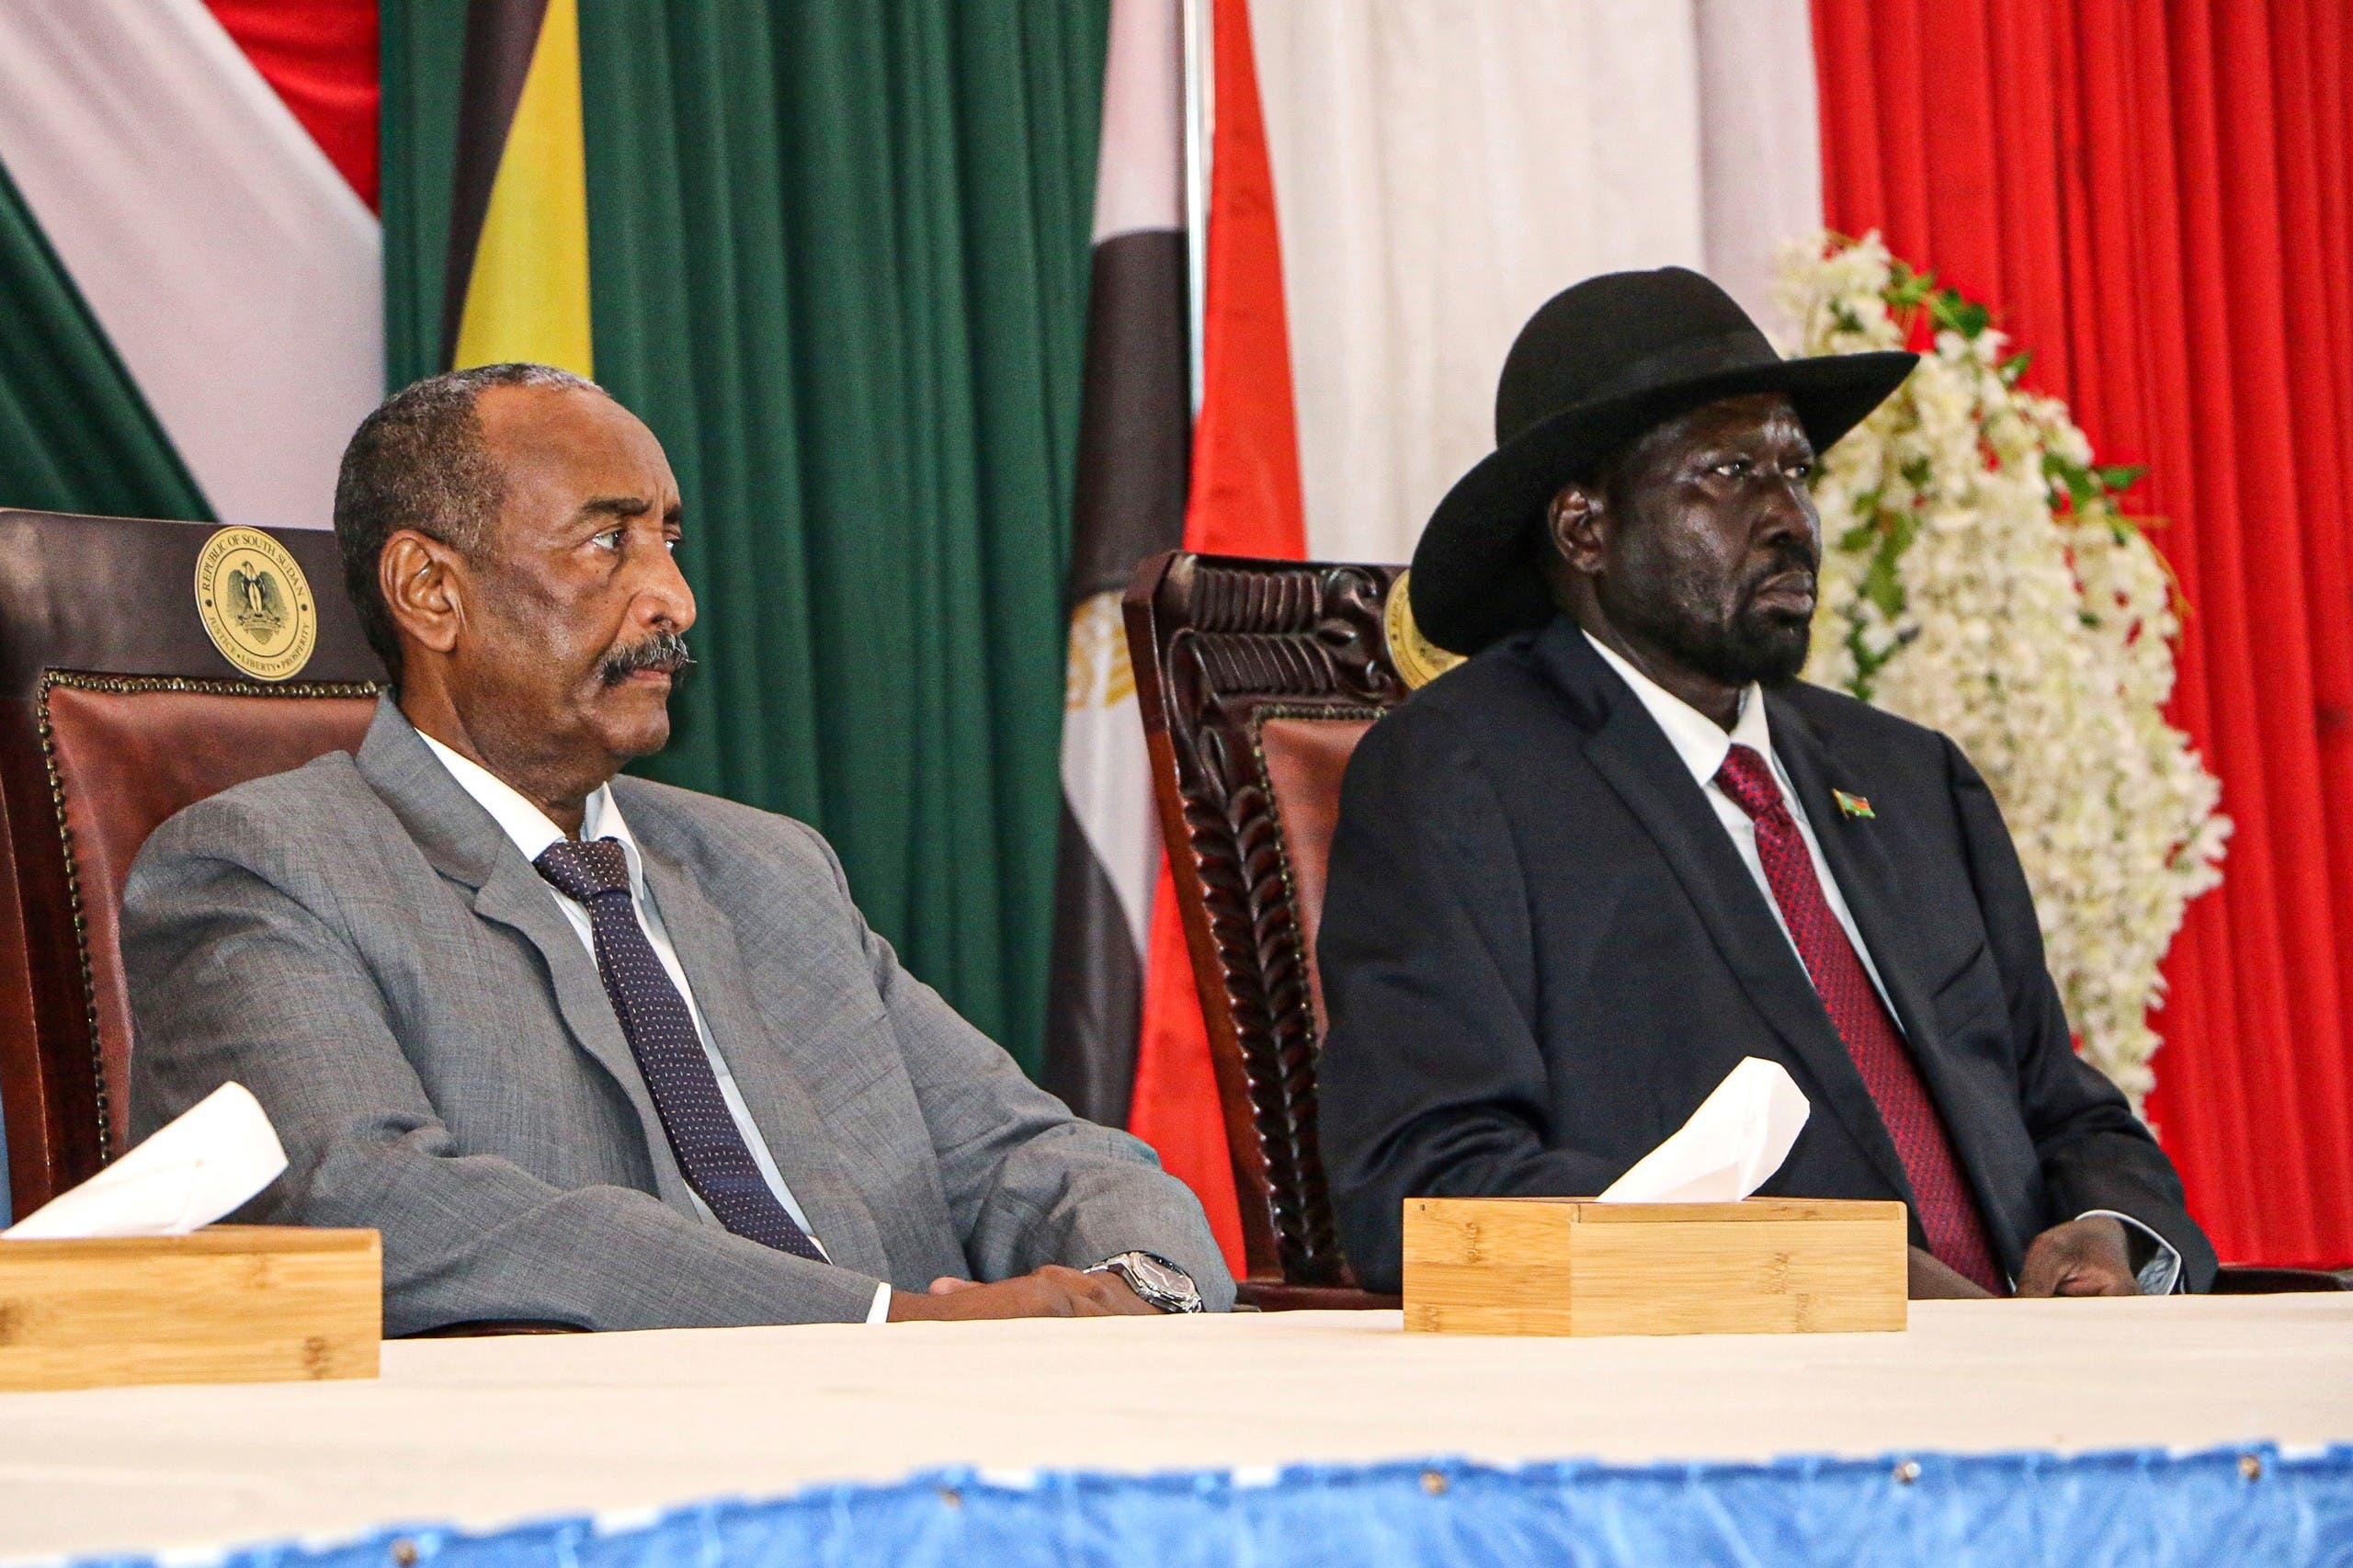 سلفا كير وعبد الفتاح البرهان في جوبا يوم 14 أكتوبر